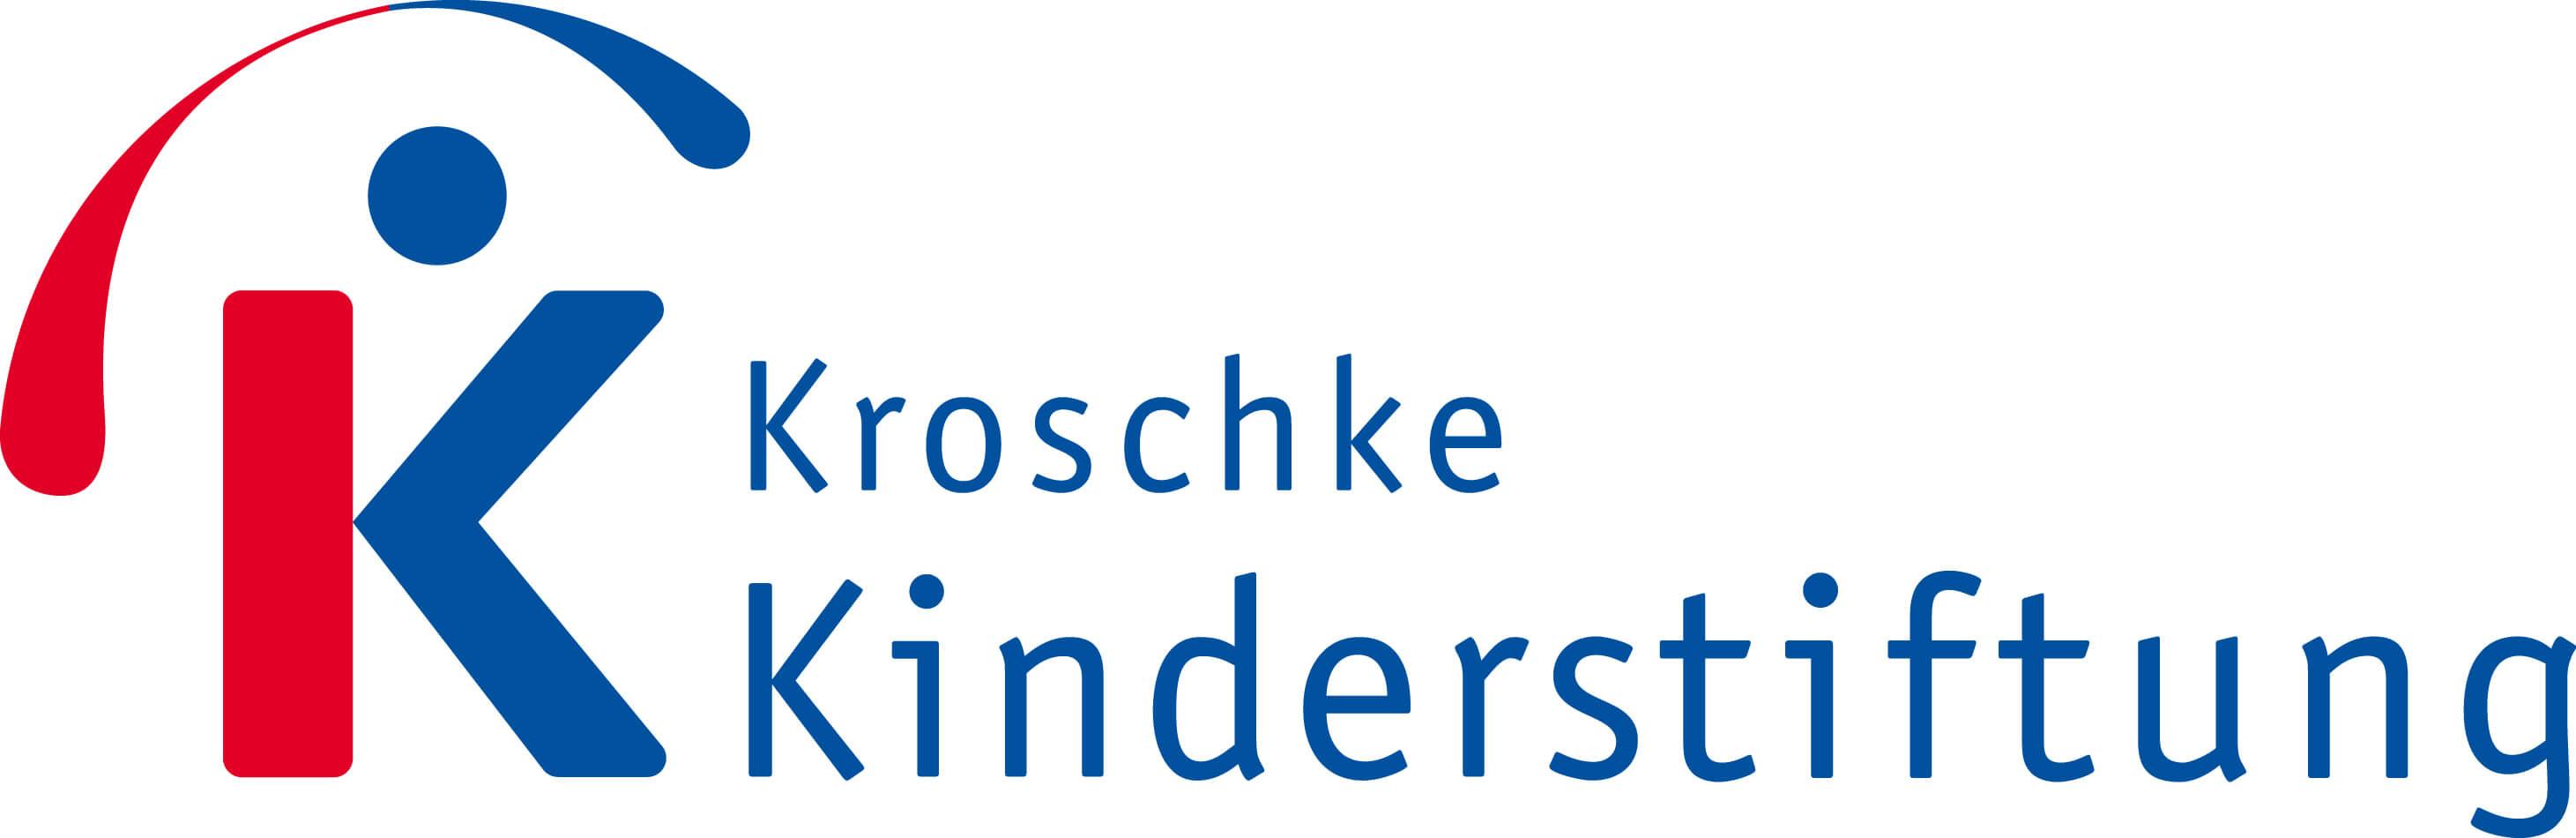 Logo Kroschke Kinderstiftung Partner Esche Jugendkunsthaus